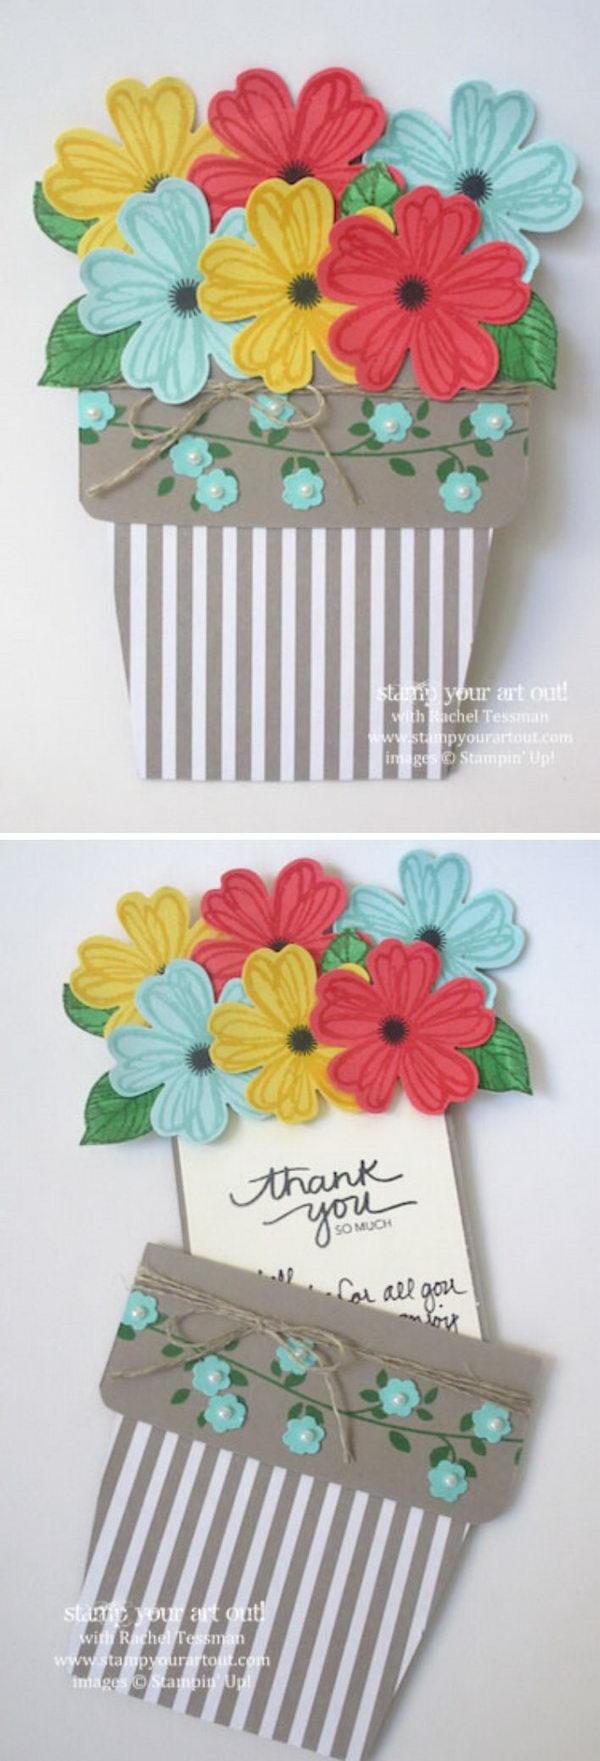 13 DIY Thanksgiving Greeting Cards